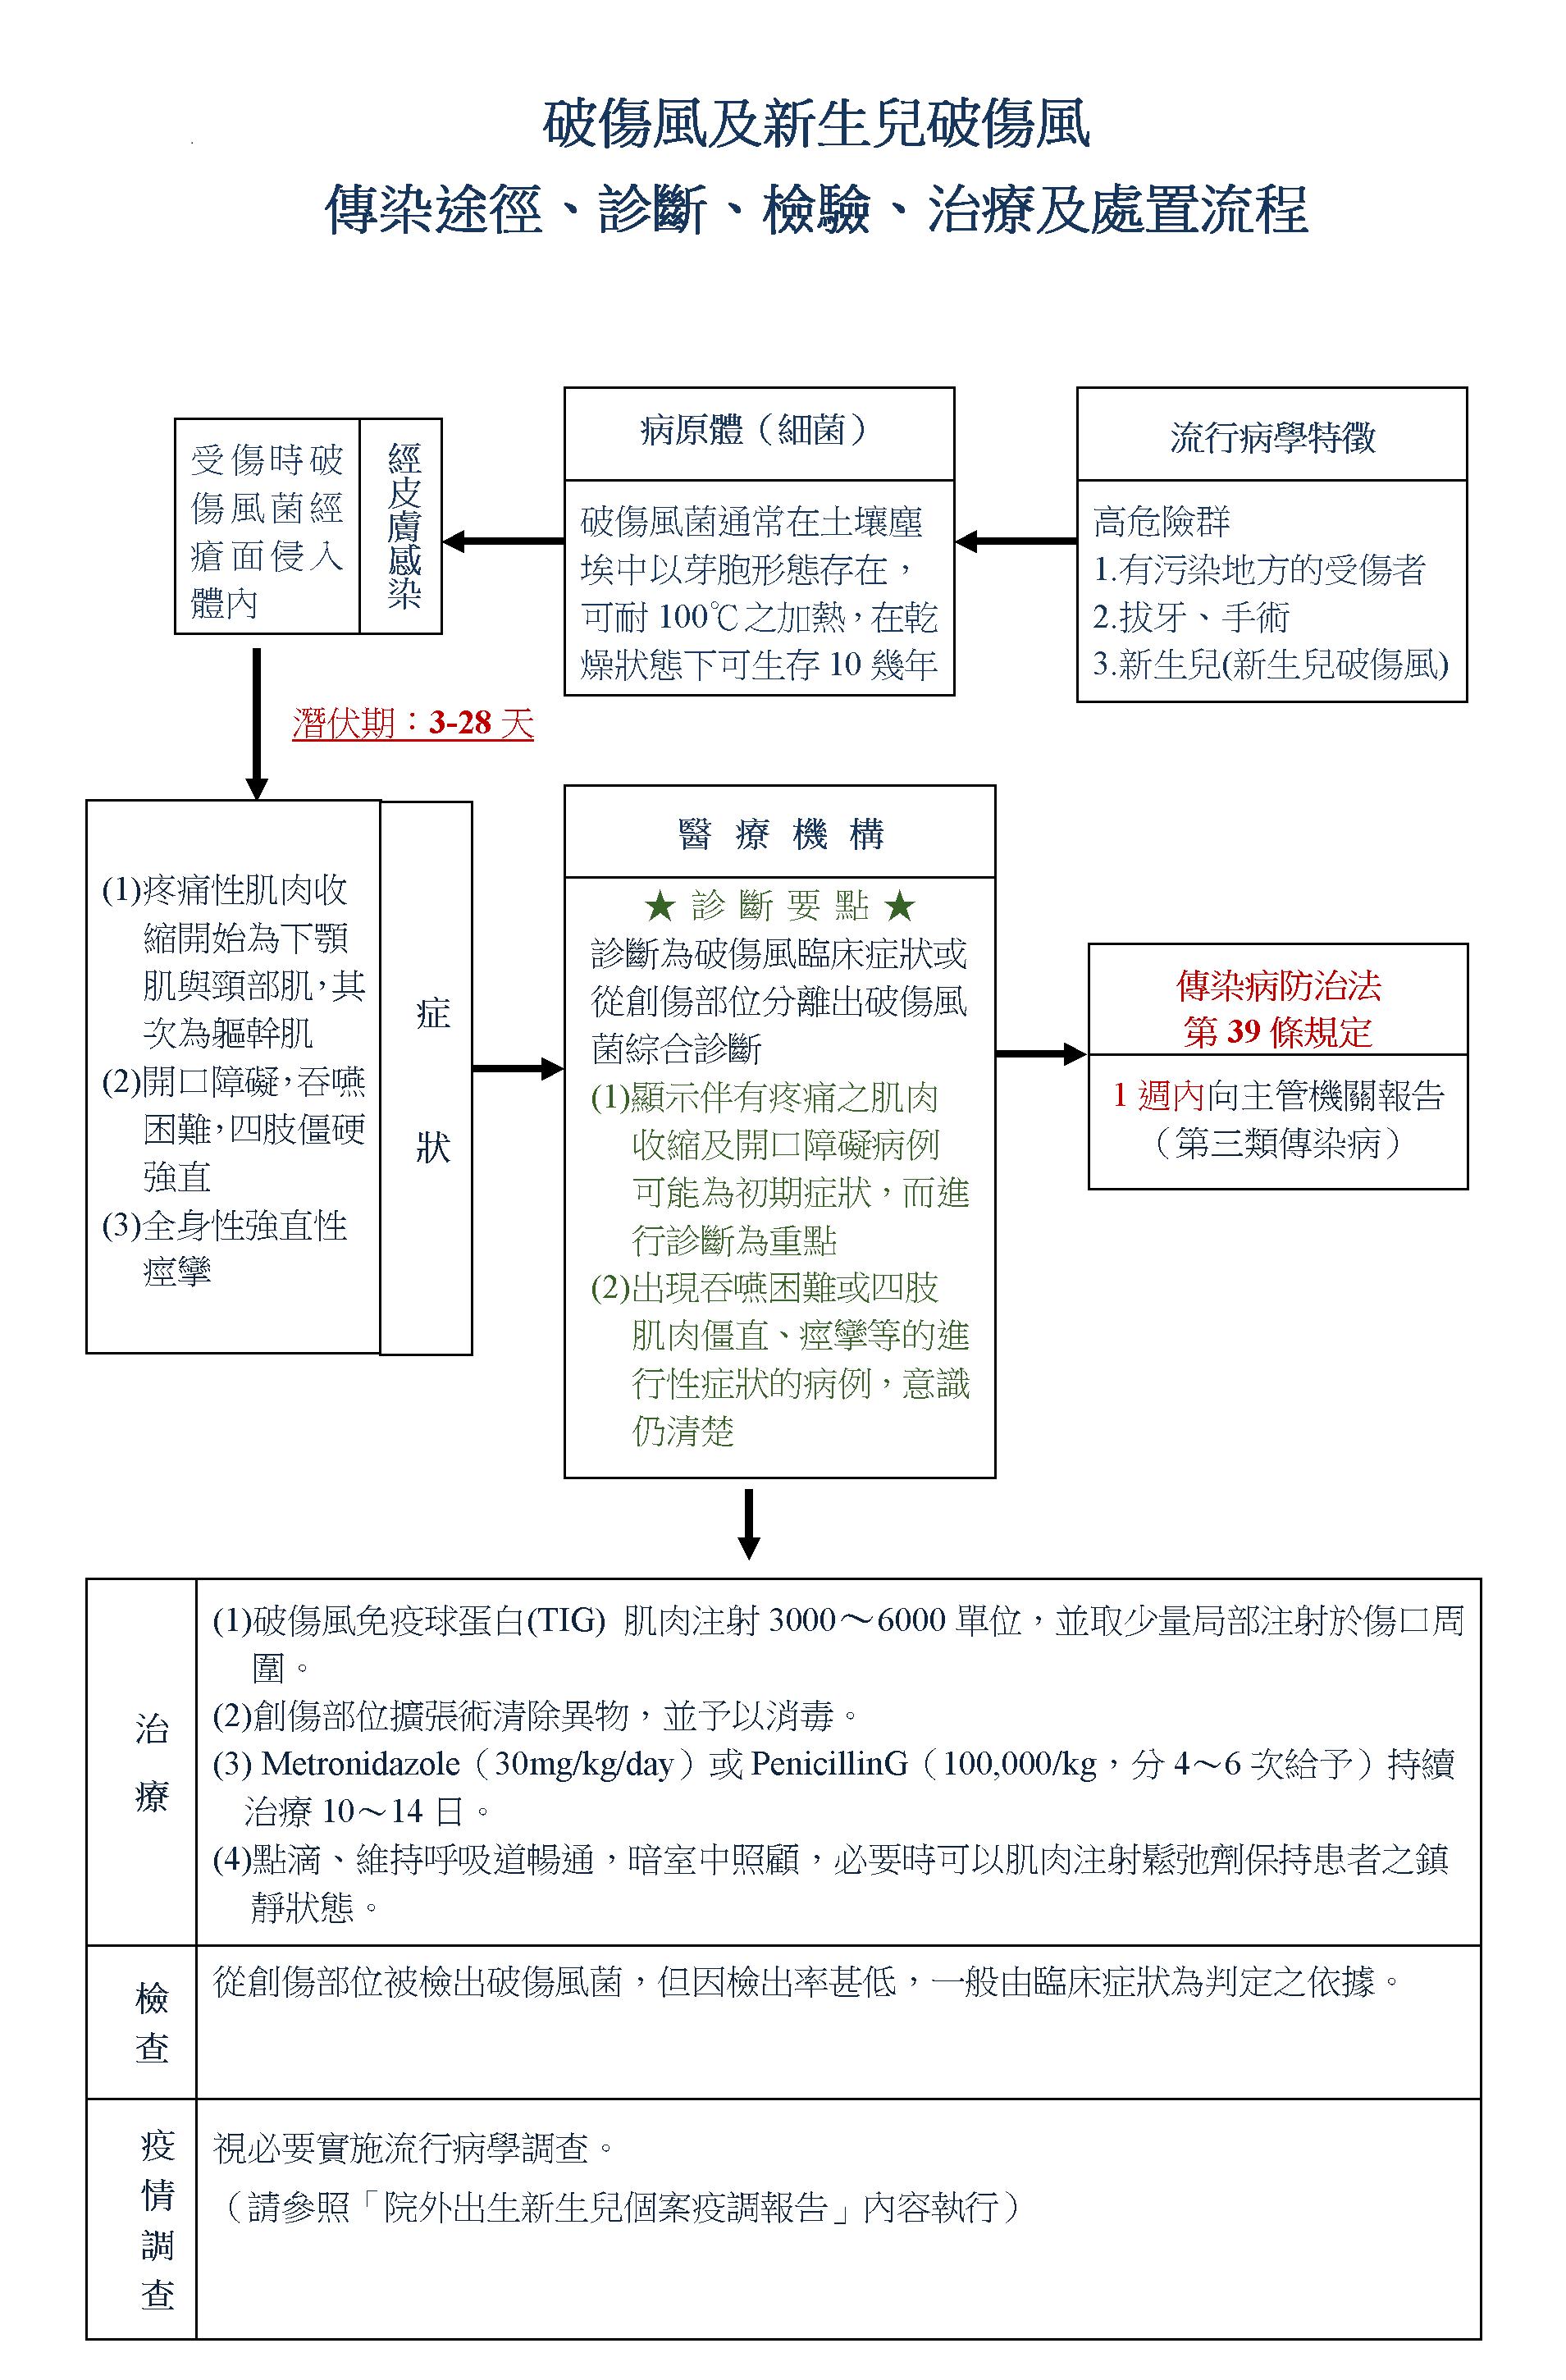 破傷風及新生兒破傷風傳染途徑診斷檢驗治療及處理流程,詳見( 新生兒破傷風防治工作手冊.pdf)檔案